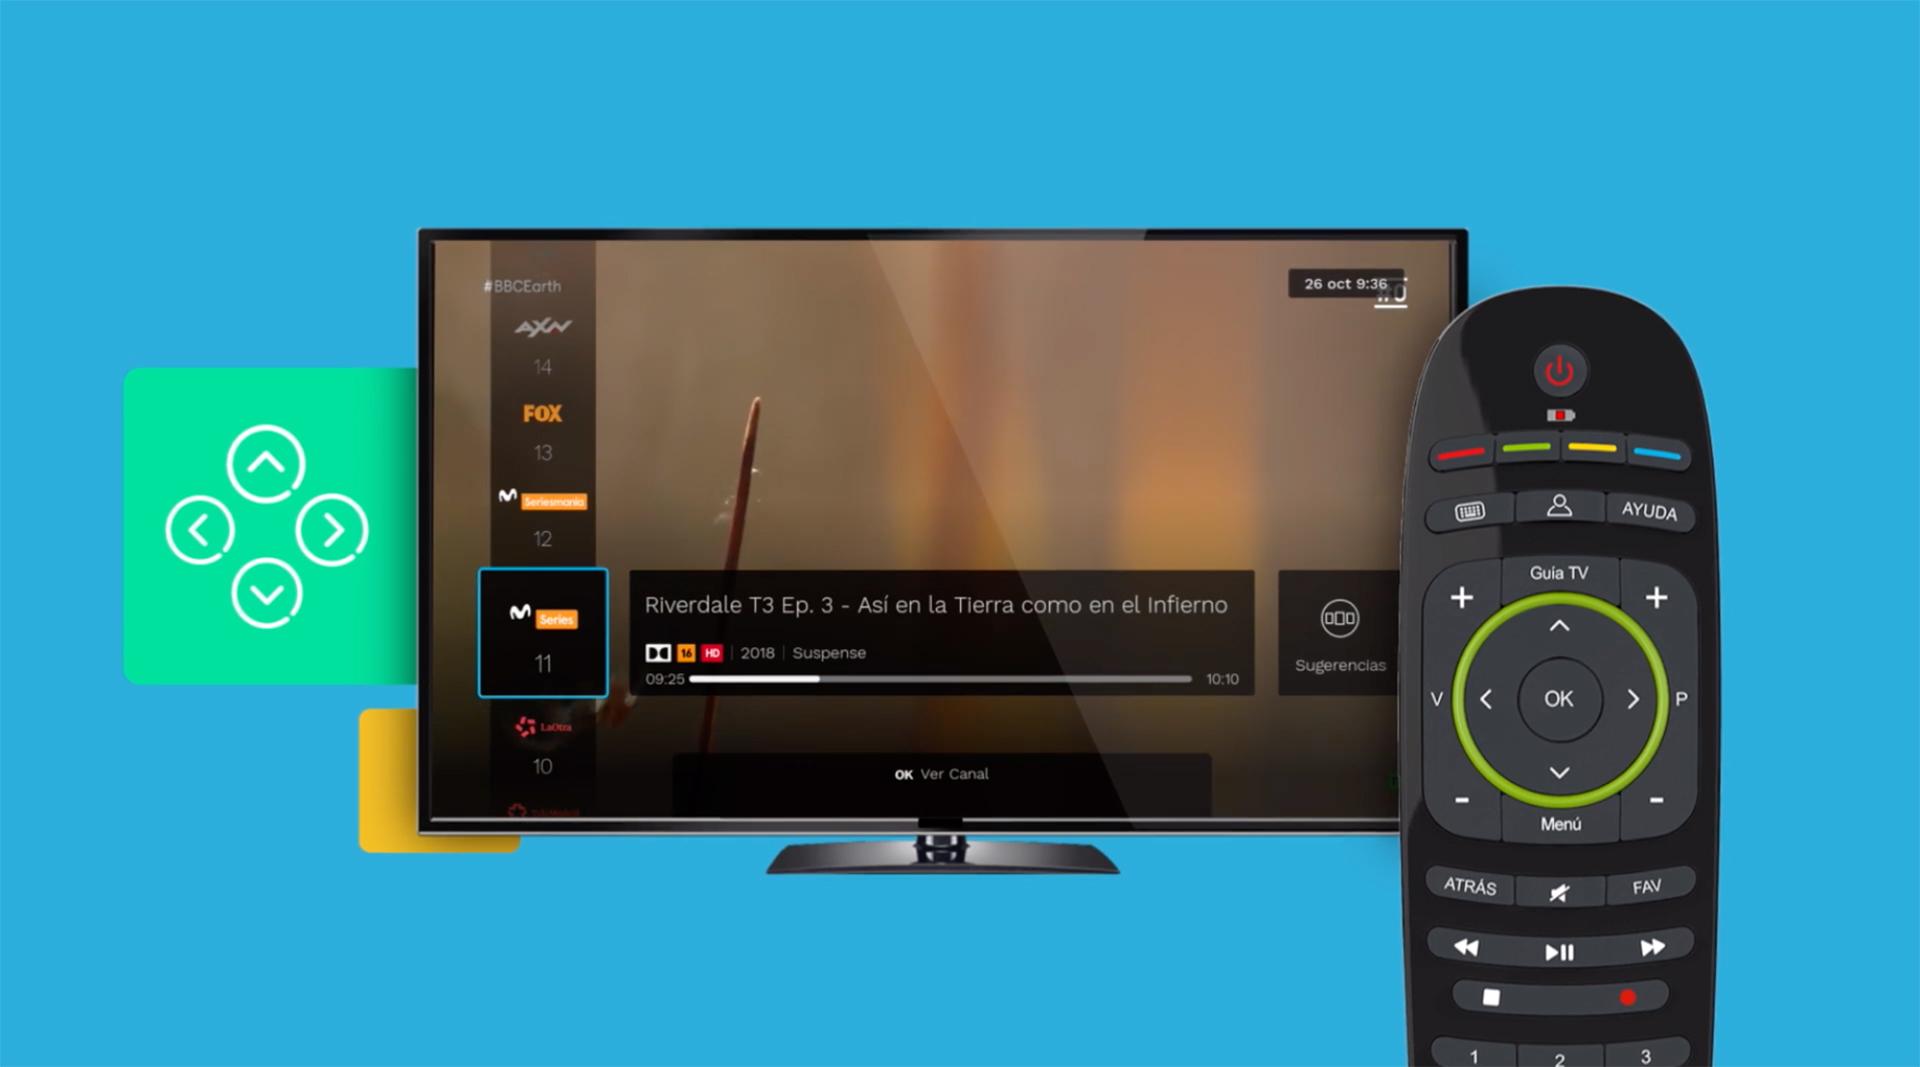 Miniguía desde la que se puede acceder al listado de canales ordenados. Movistar+: investigación y diseño UX